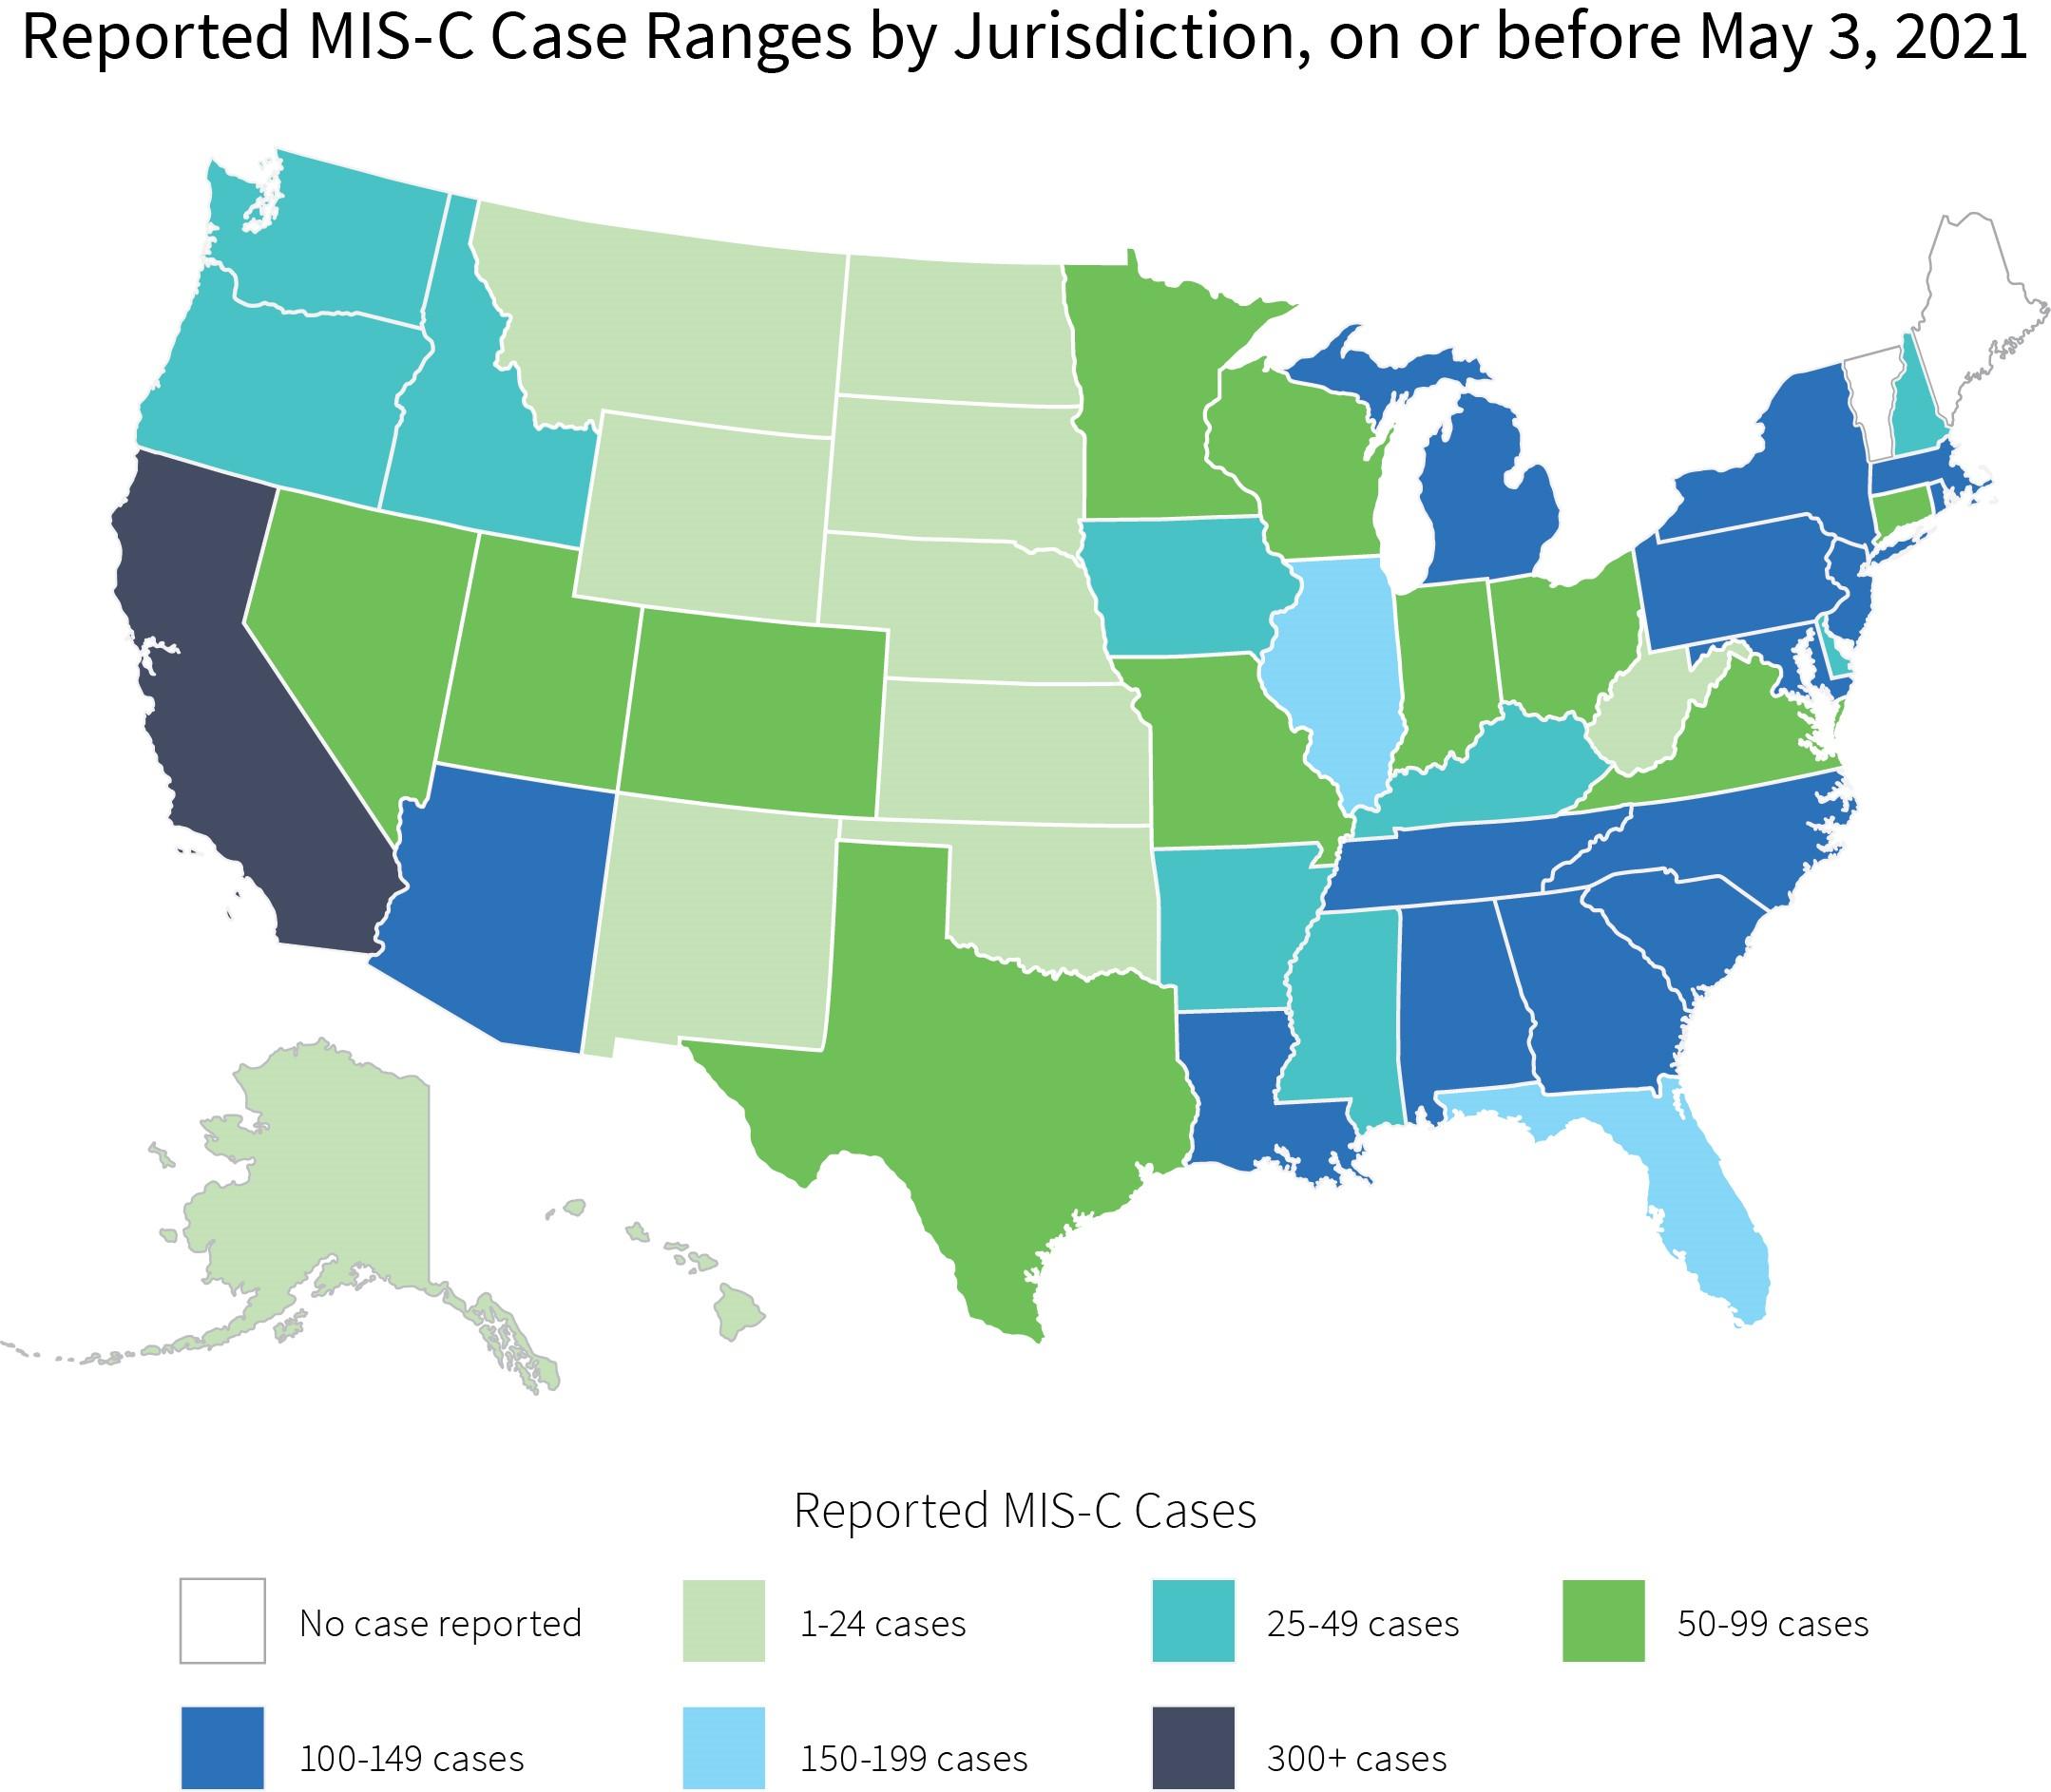 Reported MIS-C case ranges